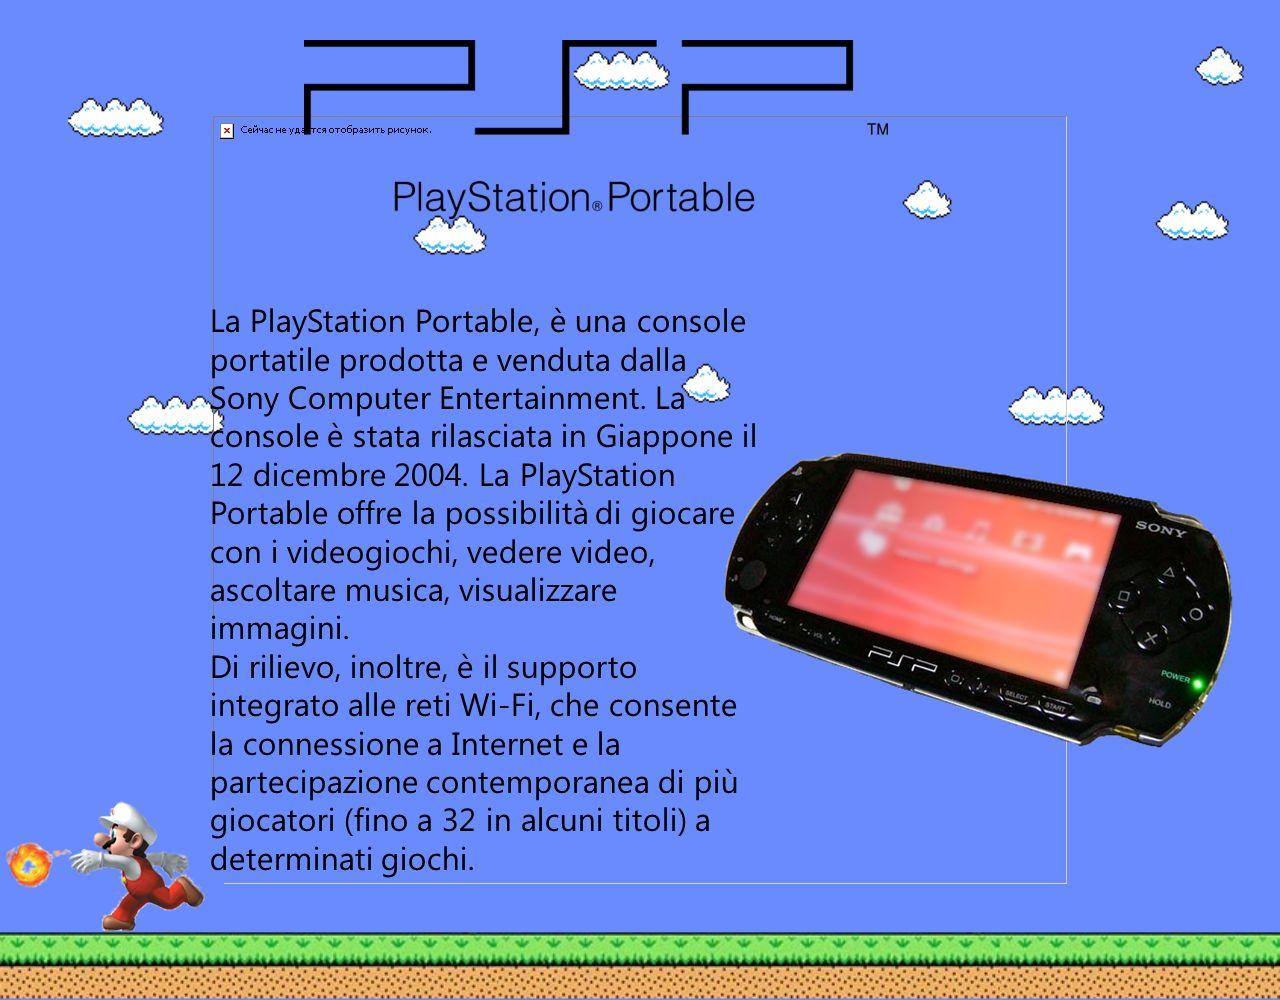 La PlayStation Portable, è una console portatile prodotta e venduta dalla Sony Computer Entertainment. La console è stata rilasciata in Giappone il 12 dicembre 2004. La PlayStation Portable offre la possibilità di giocare con i videogiochi, vedere video, ascoltare musica, visualizzare immagini.